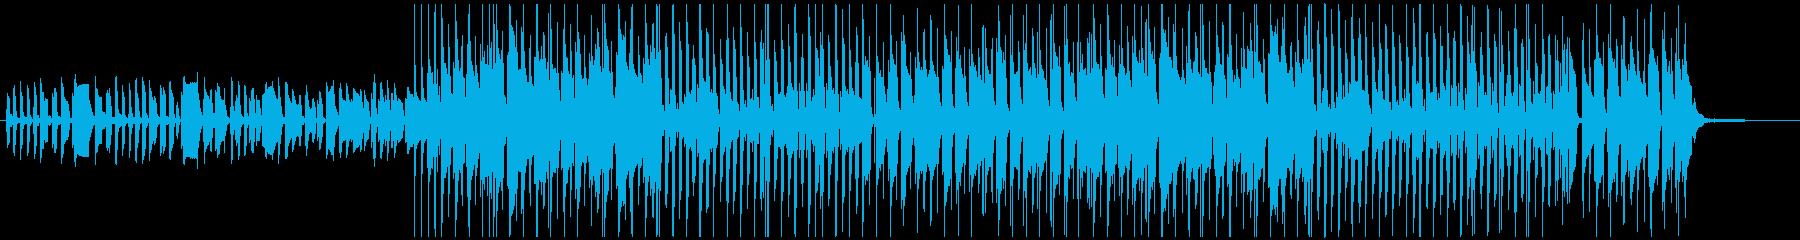 日常系の動画に使えるほのぼのしたBGMの再生済みの波形